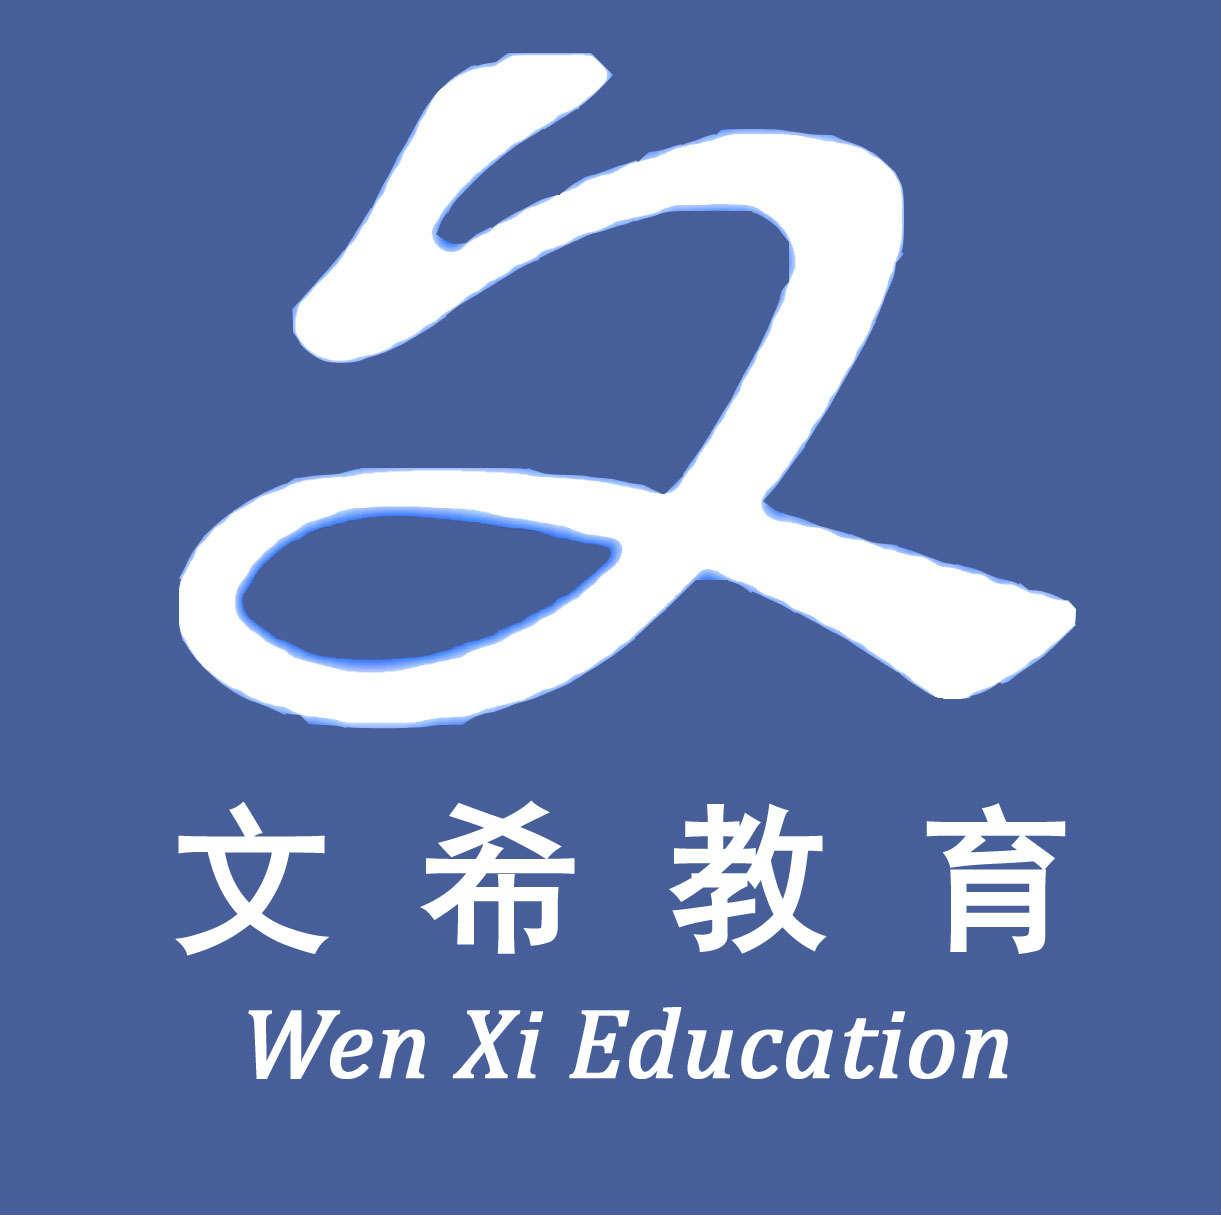 宁波鄞州文希培训学校有限公司